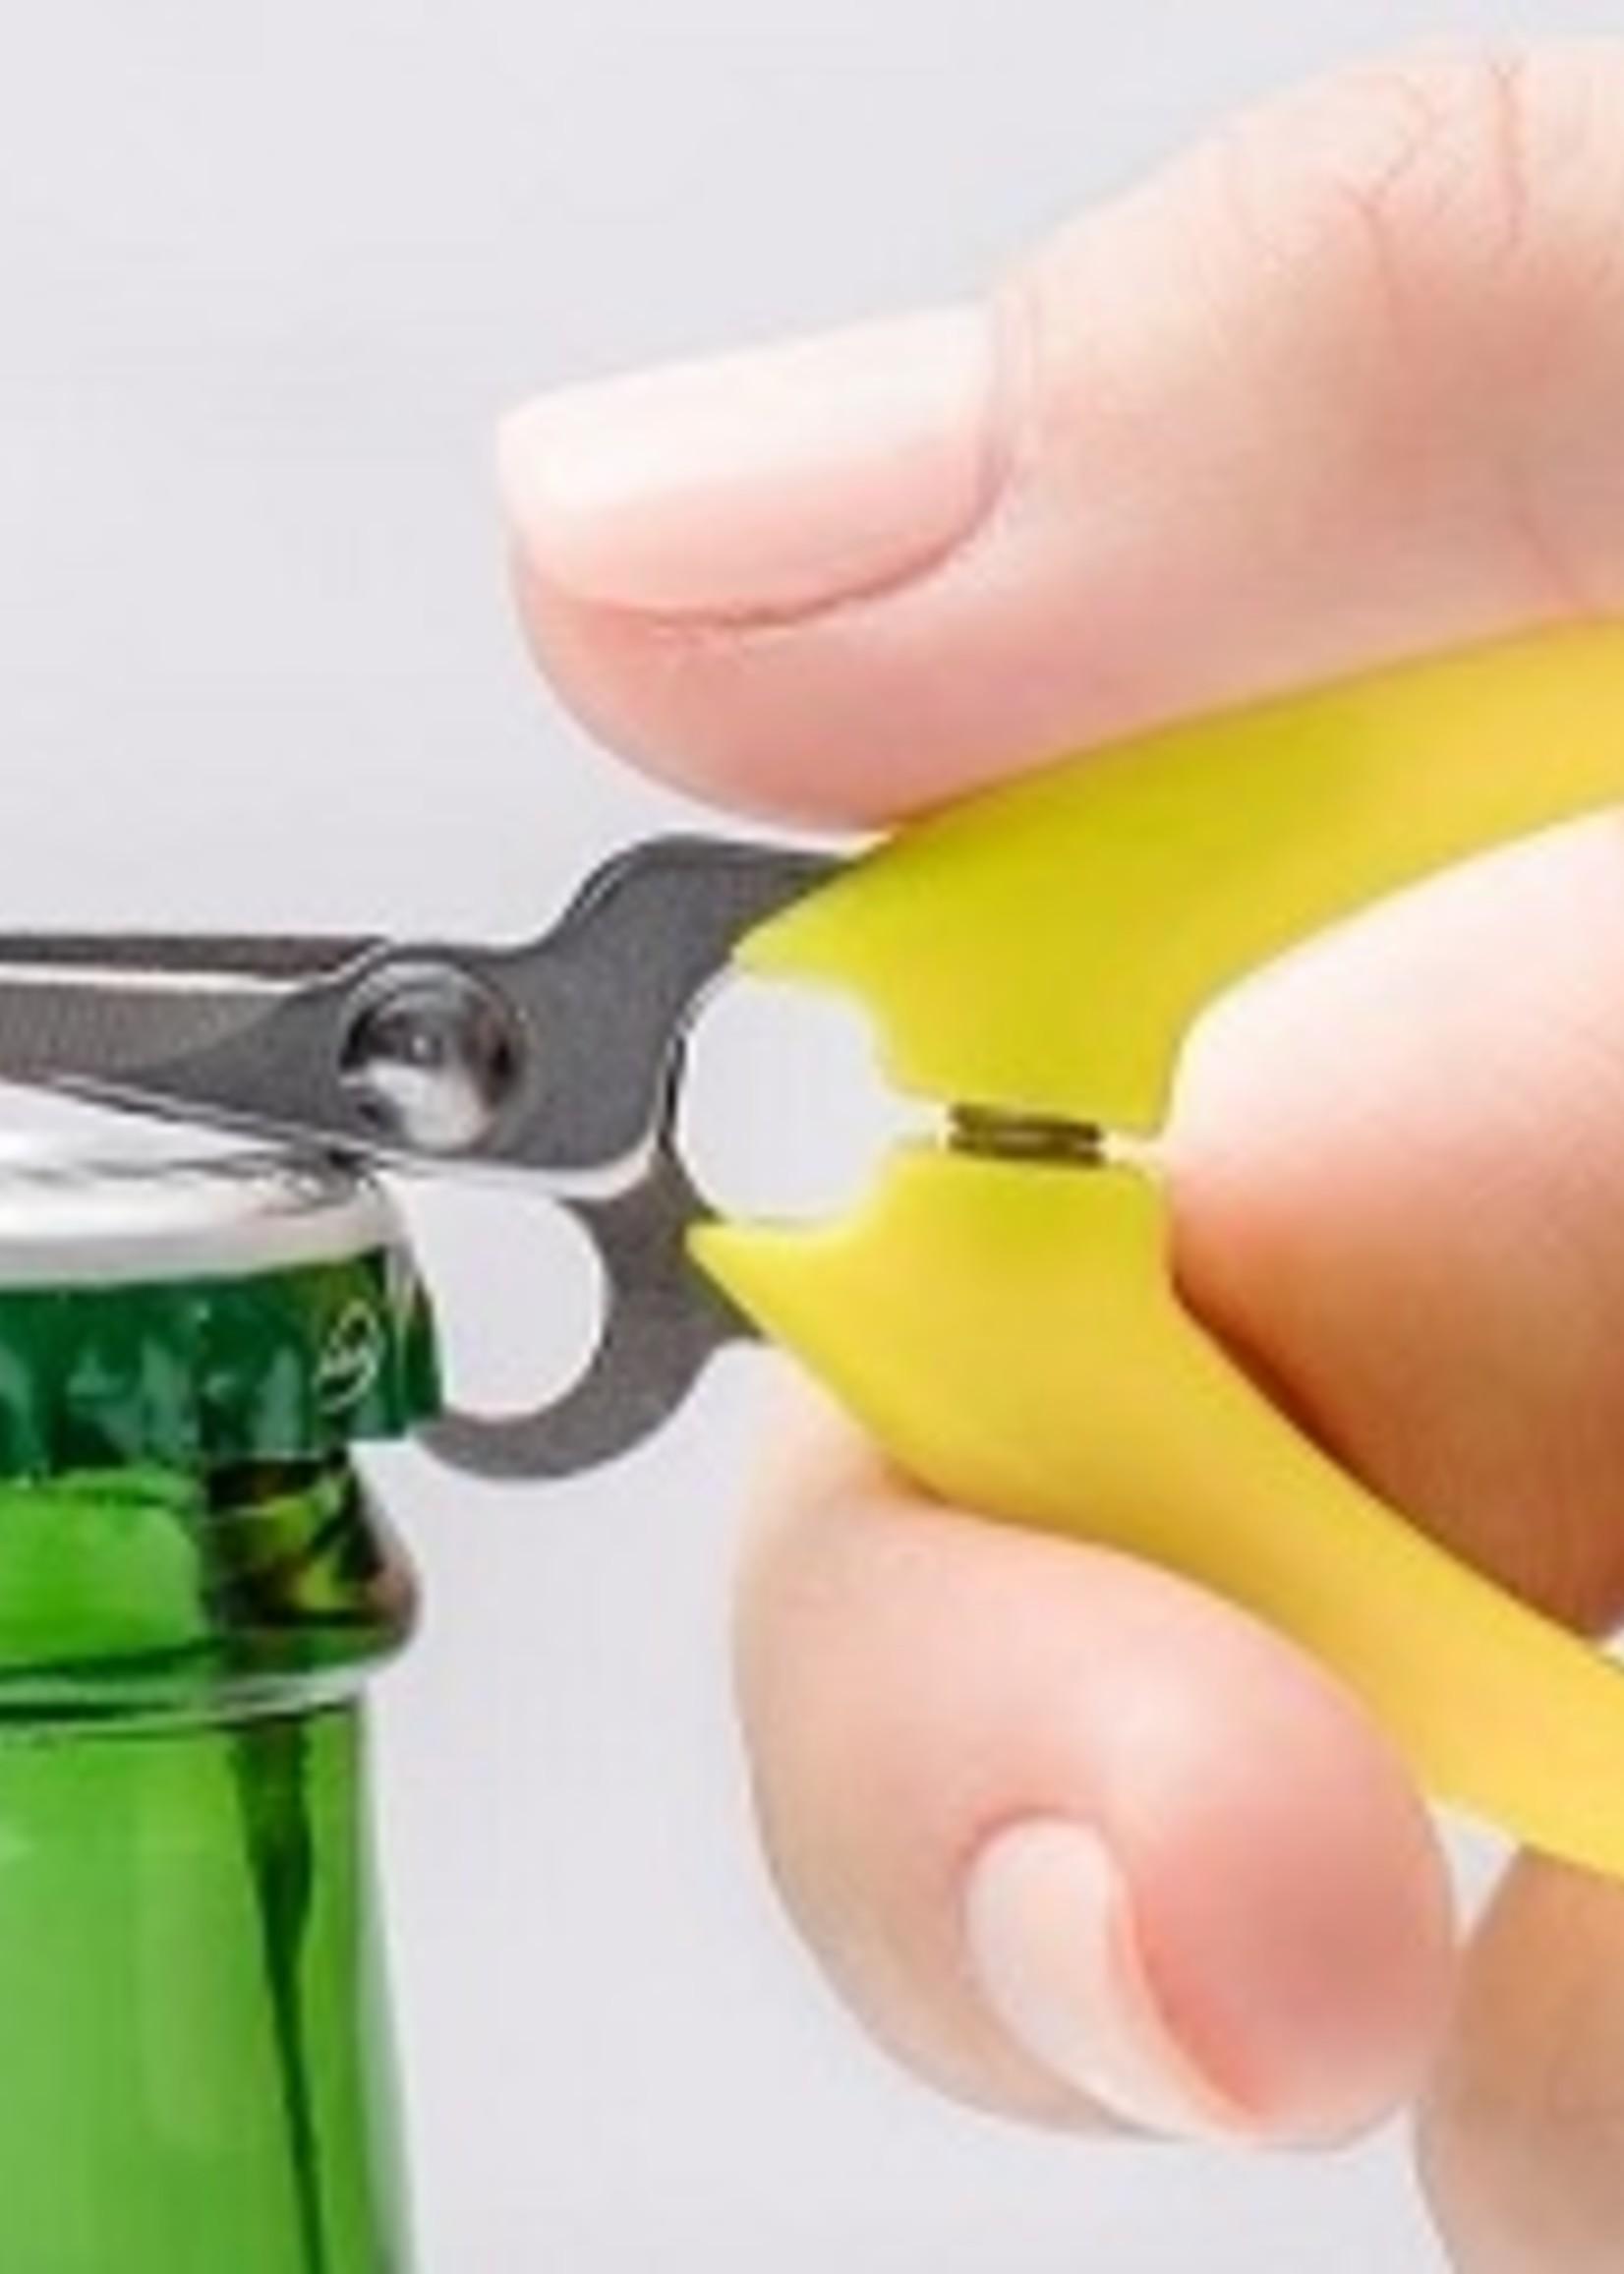 N. Jefferson Handy Cut Mini Scissors